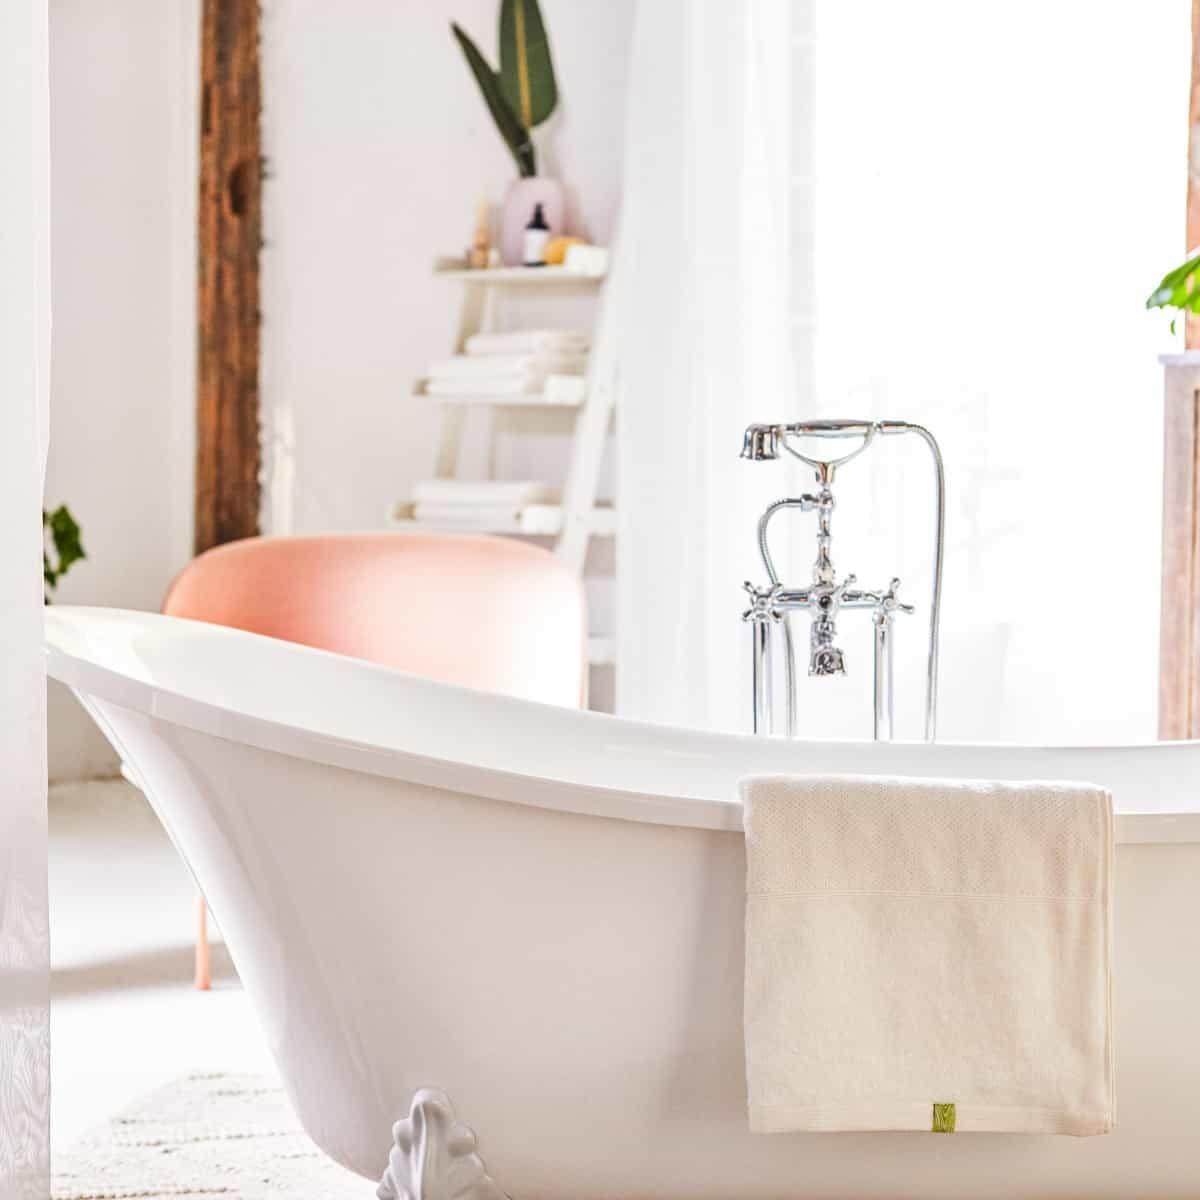 Wellness für Zuhause: Ein Bad und flauschige Kushelhandtücher / Photo: PR